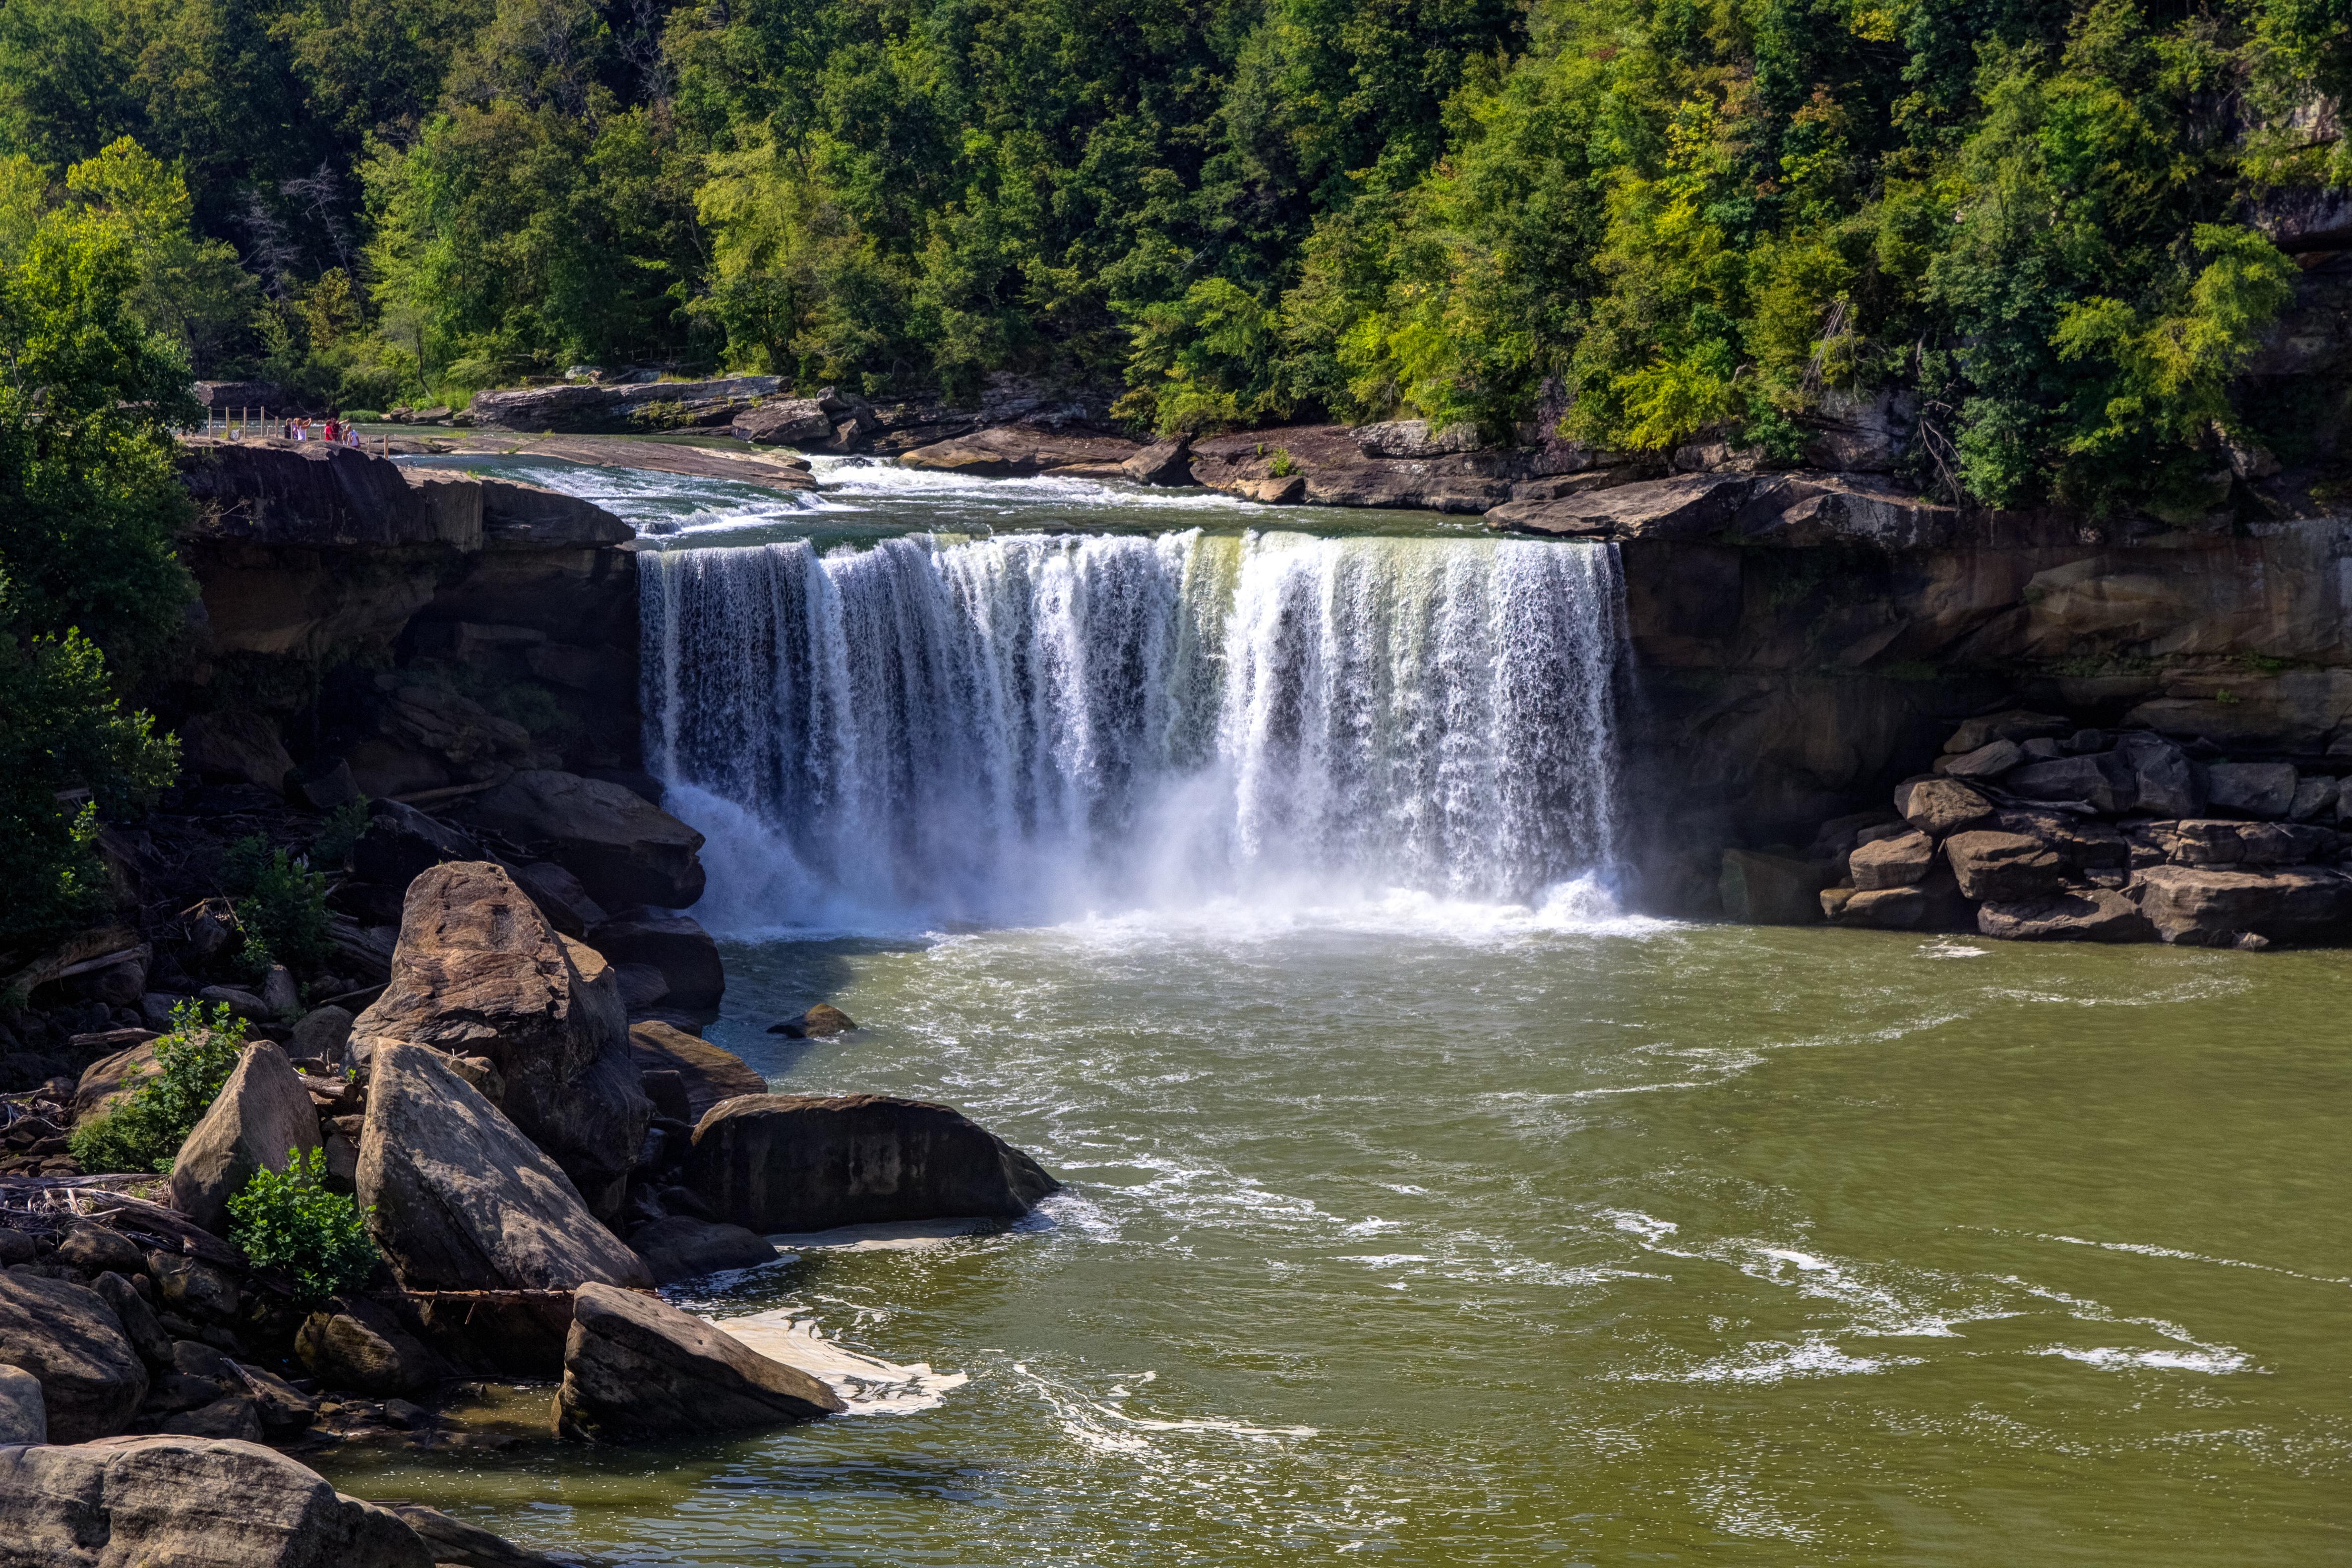 Cumberland-Falls-in-Corbin-Kentucky.jpg?mtime=20200115142637#asset:107692